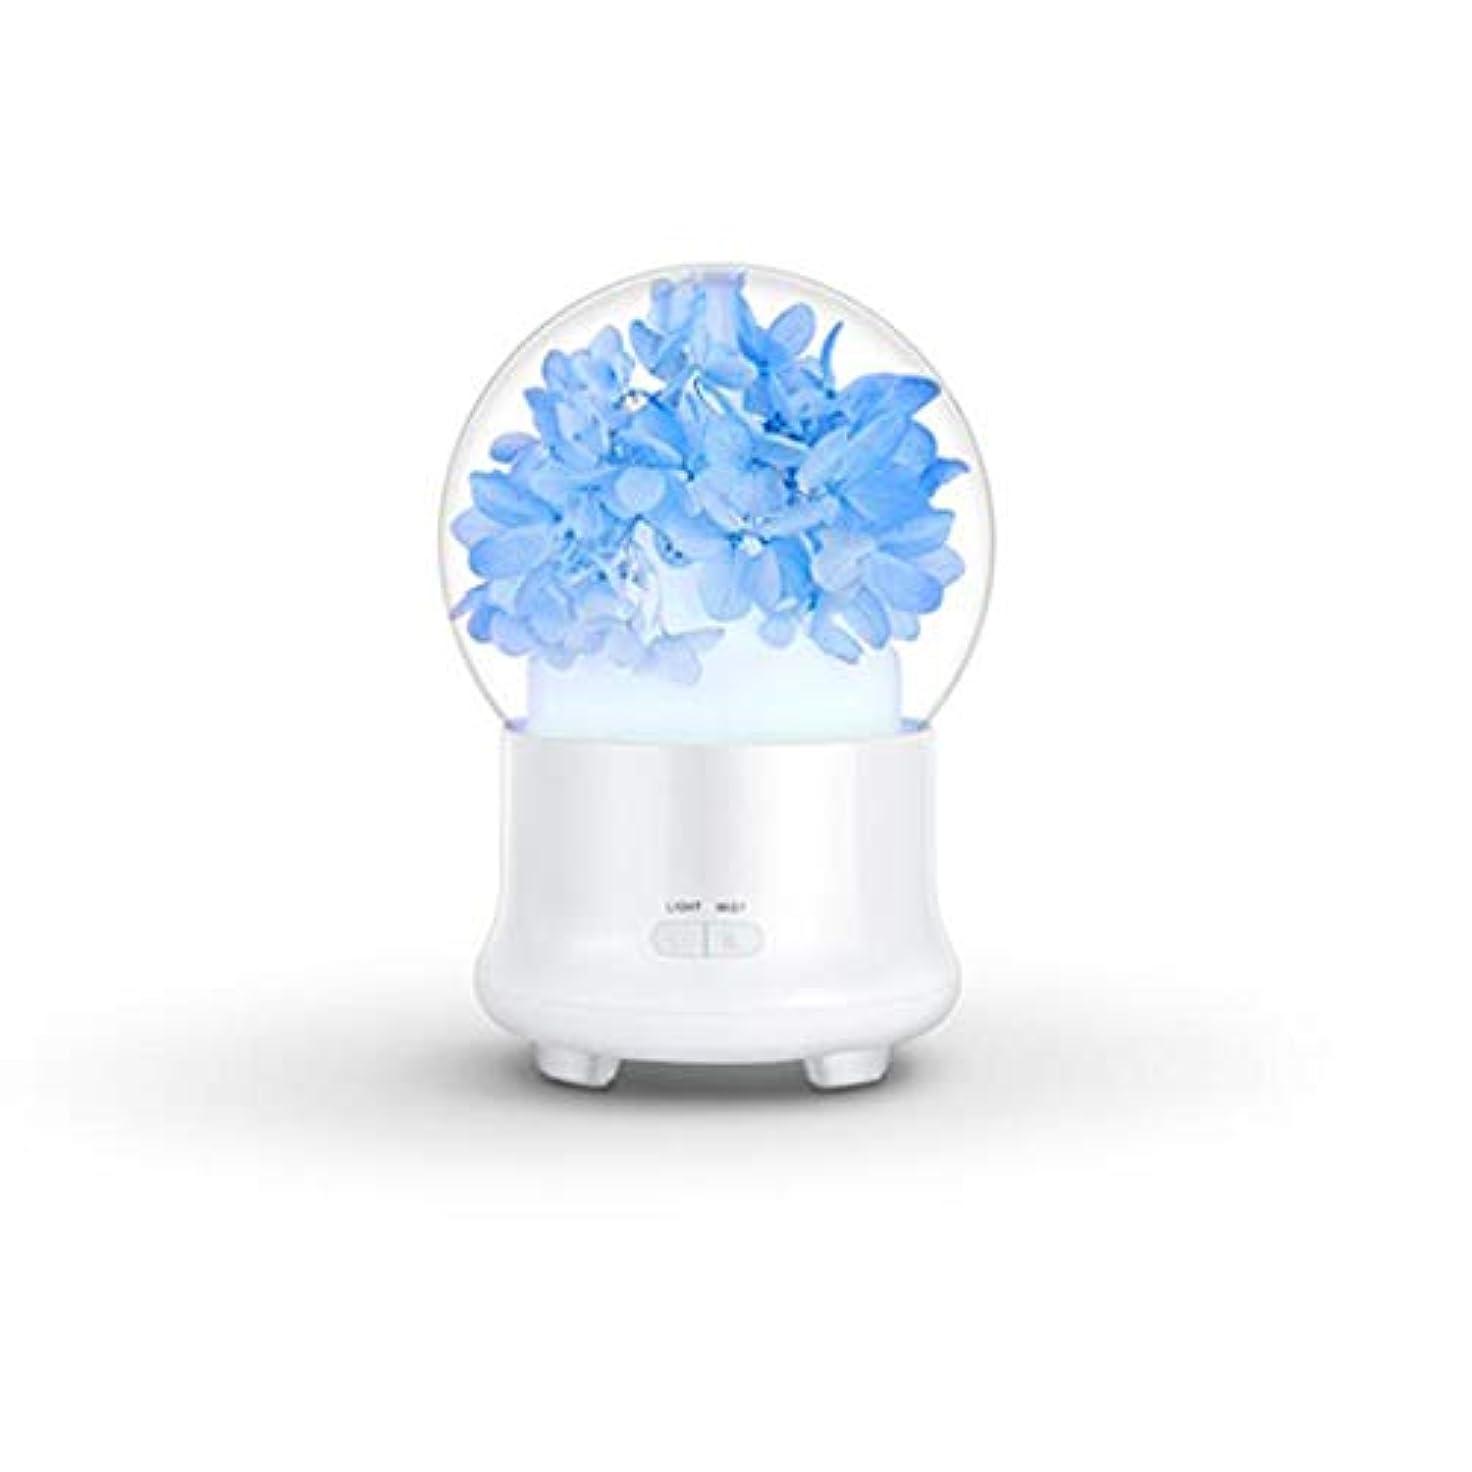 マウントバンクタクト応用ACHICOO アロマディフューザー 加湿器 花 電気 カラフル LED ミストフォッガー かわいい 安全 24V 12 x 12 x 16.8cm ブルー